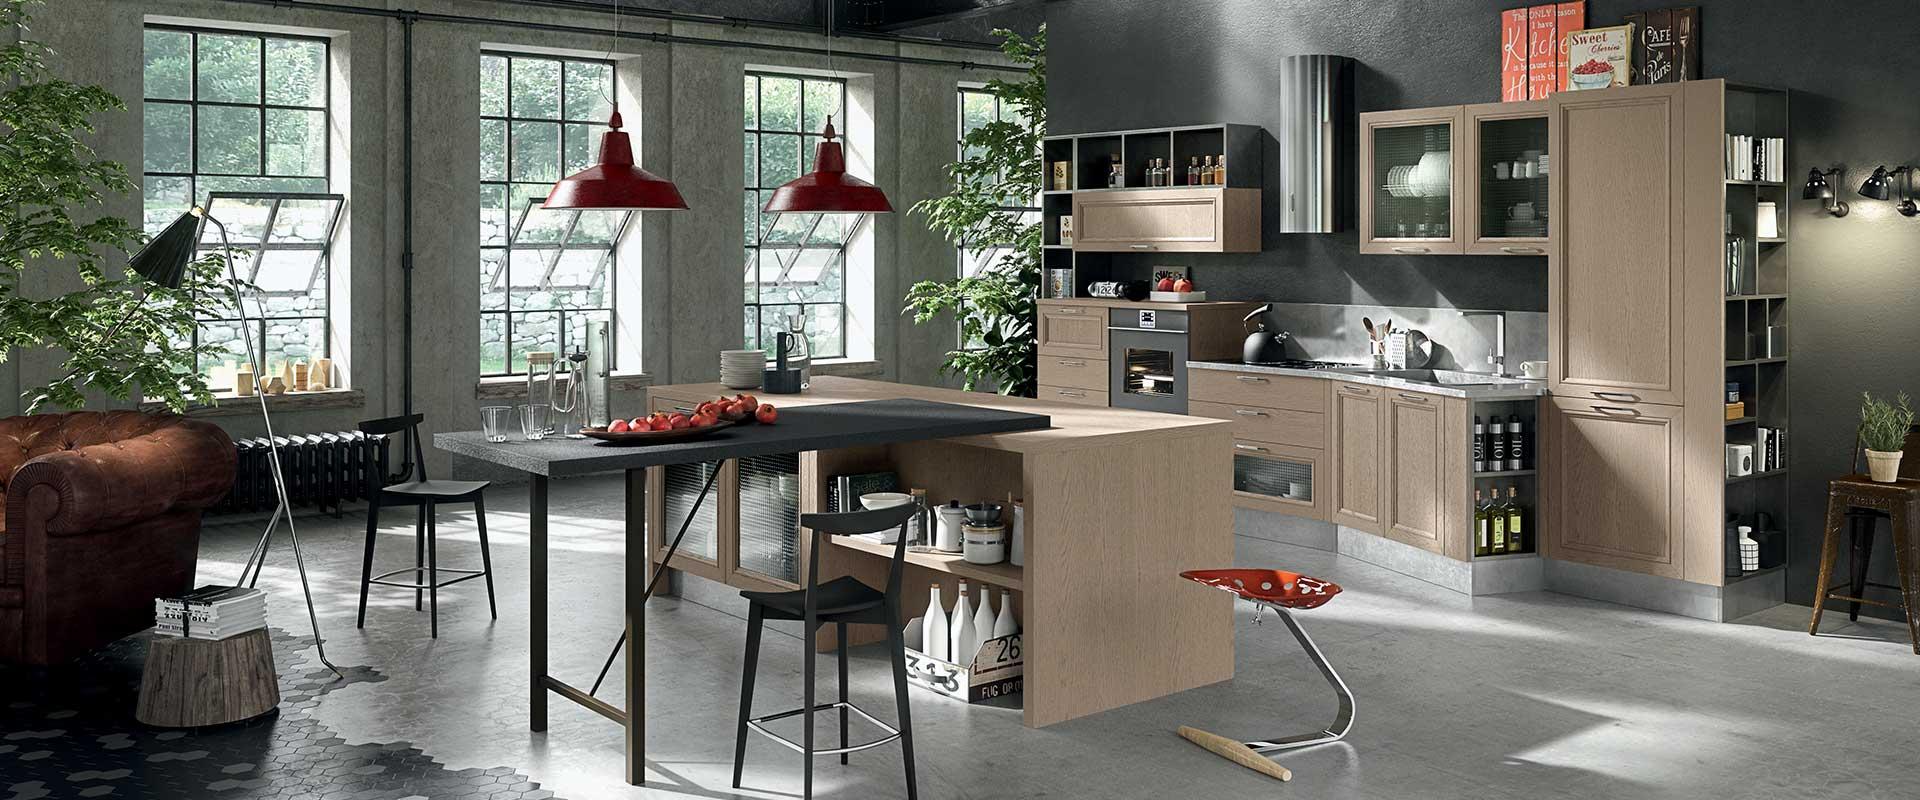 Cucine Componibili Trieste.Cucina Magistra Trieste Aran Cucine